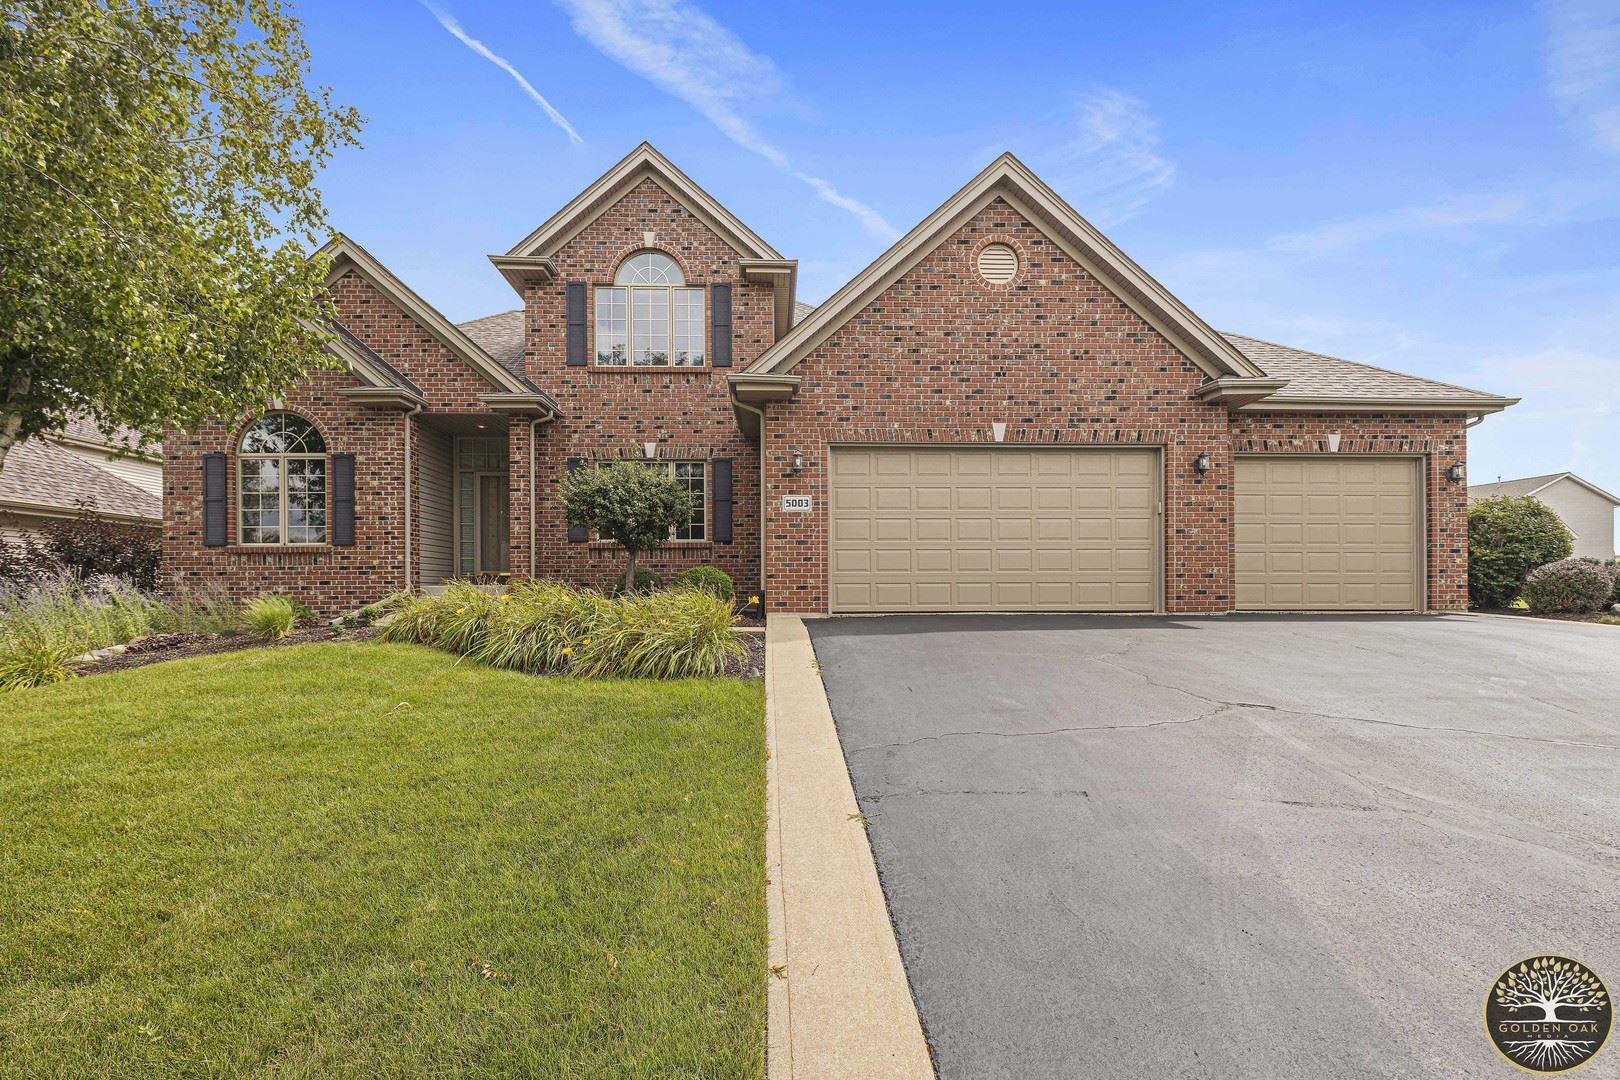 5003 Wil Acre Drive, Loves Park, IL 61111 - #: 11204854